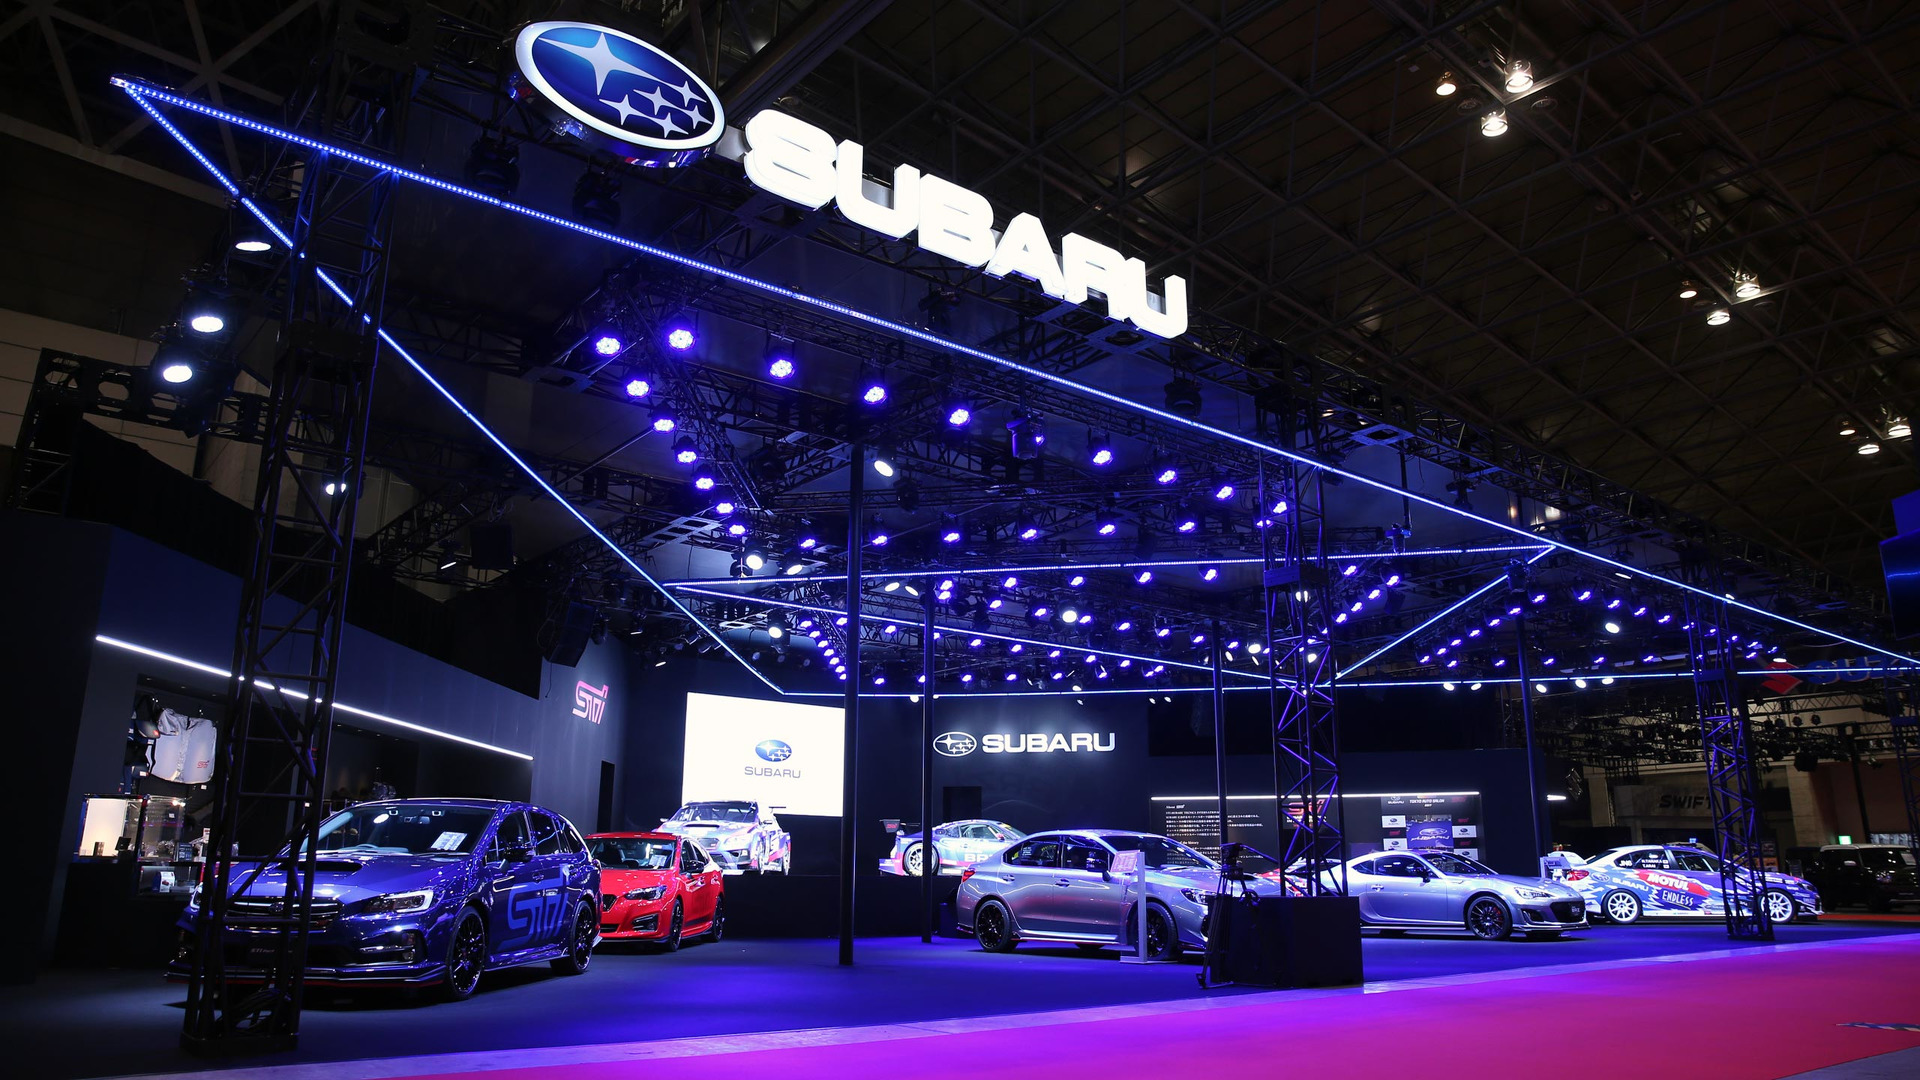 Subaru_2017_Tokyo_Auto_Salon_02